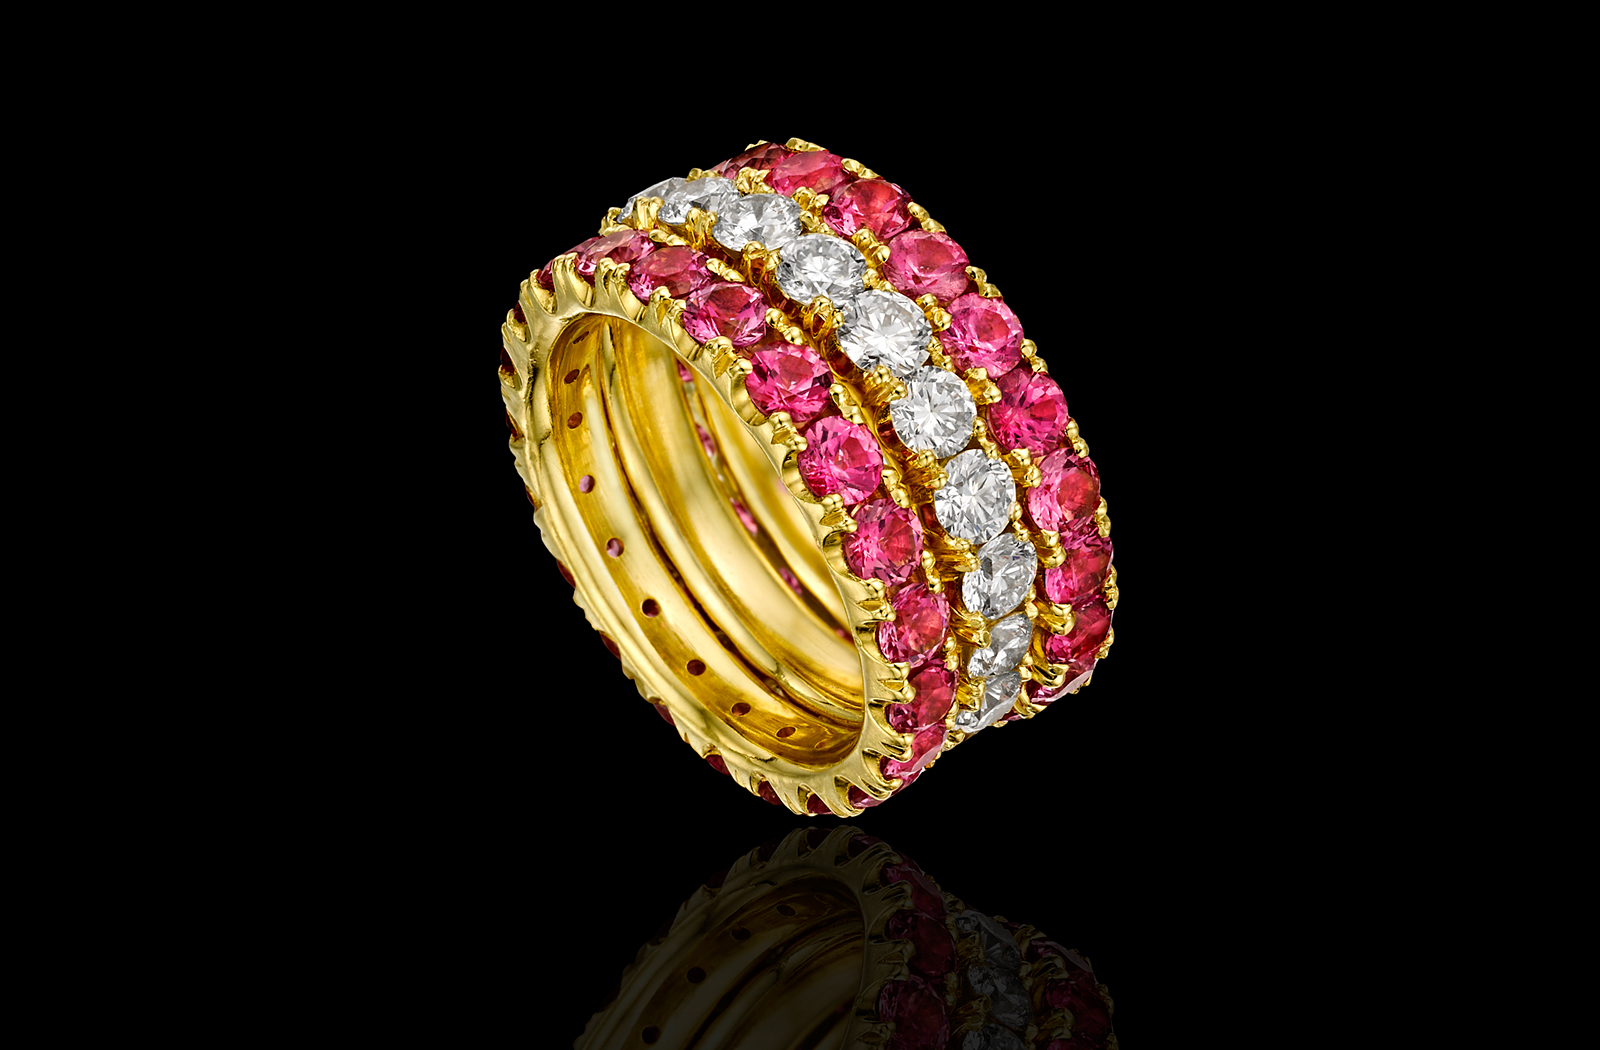 טבעת בזהב צהוב 18K משובצת יהלומים וספינל ורוד